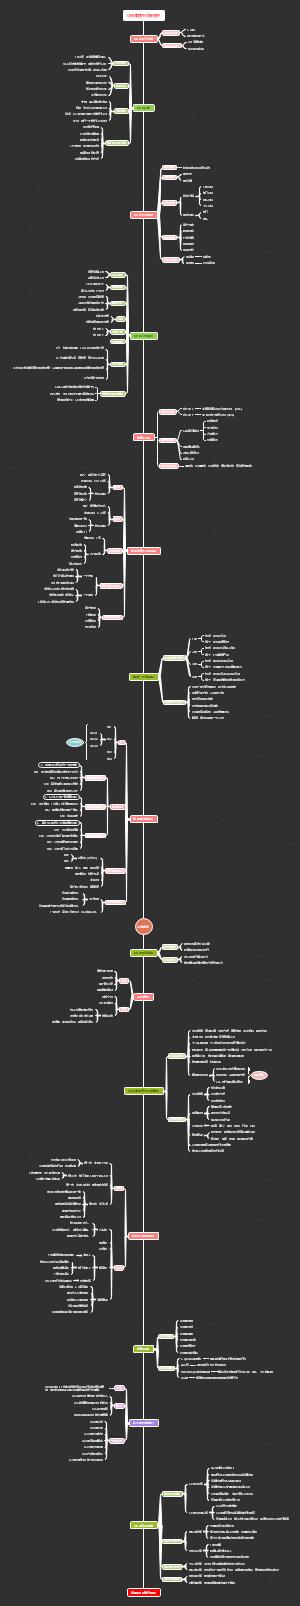 OKR目标管理思维导图